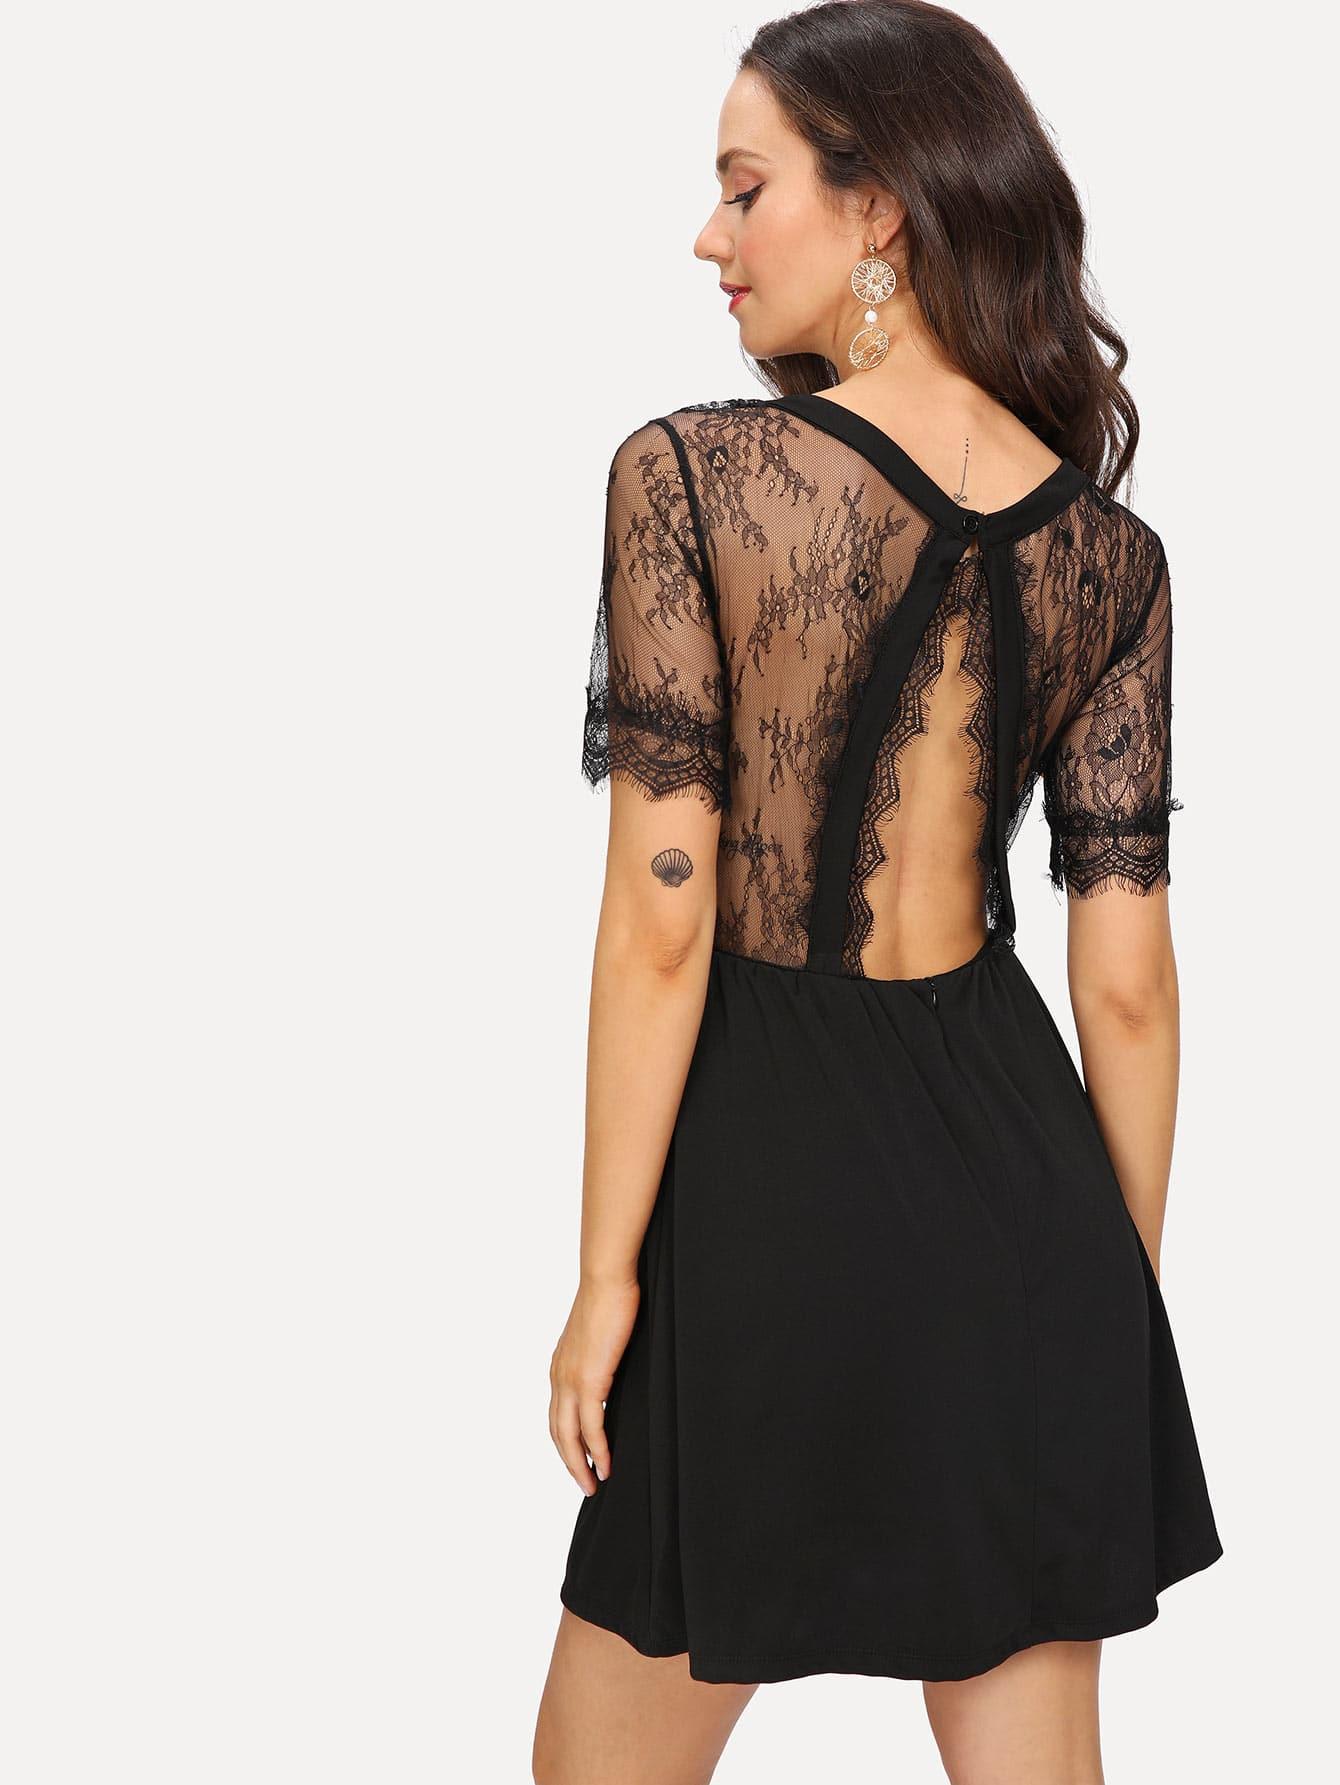 Купить Элегантный стиль Одноцветный Контрастные кружева Чёрные Платья, Camila B, SheIn